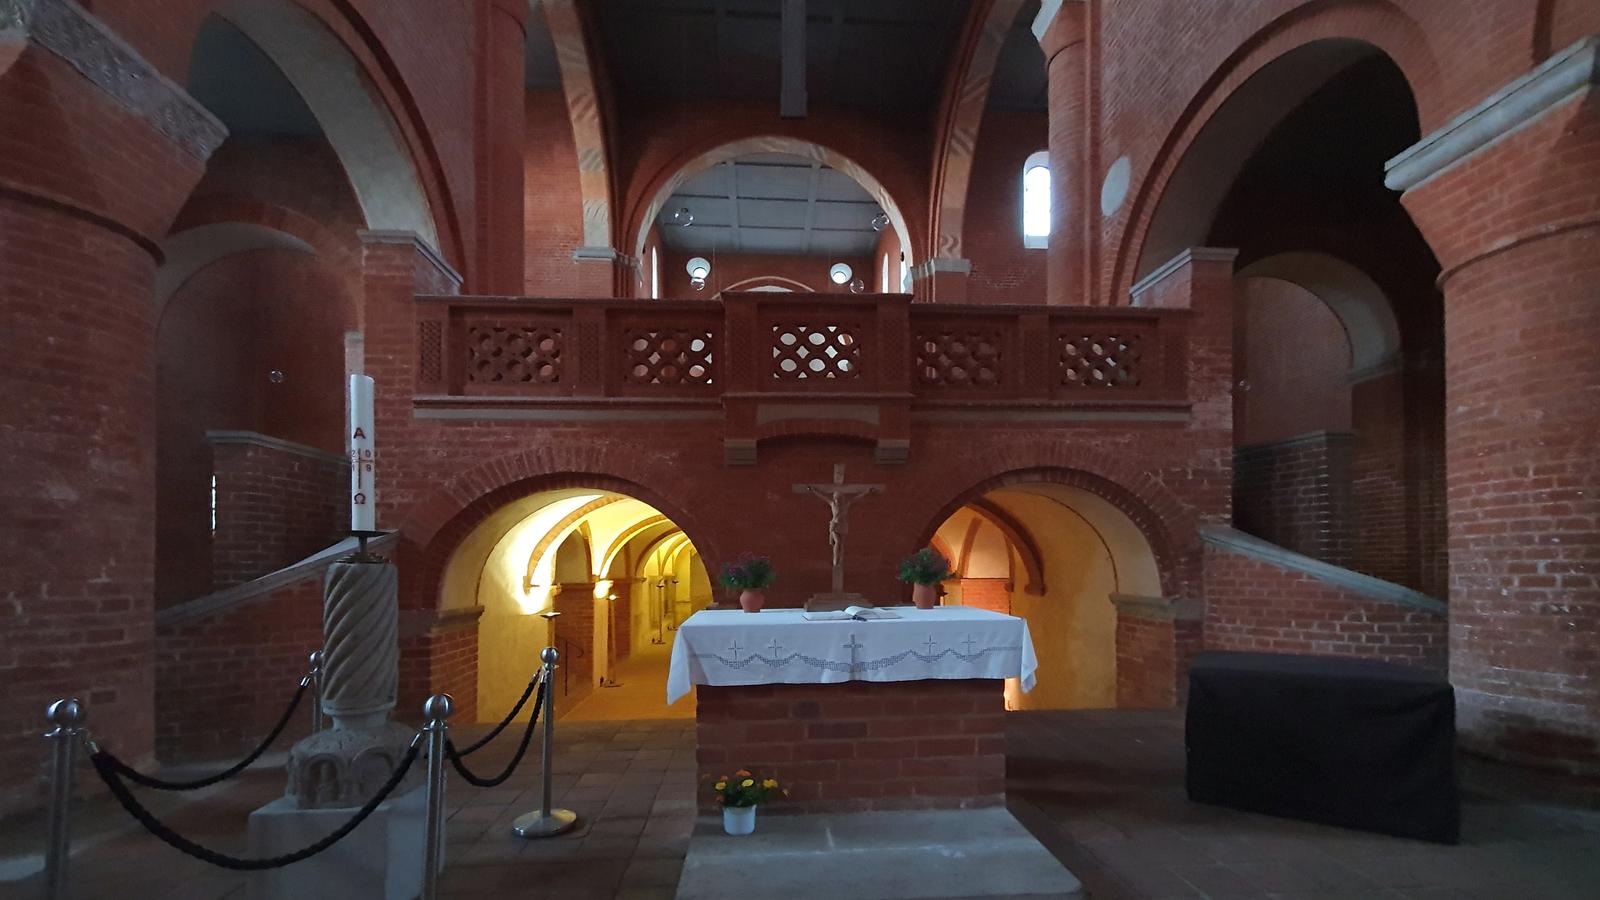 Krypta Kloster Jerichow, Sagen und Legenden Kloster Jerichow